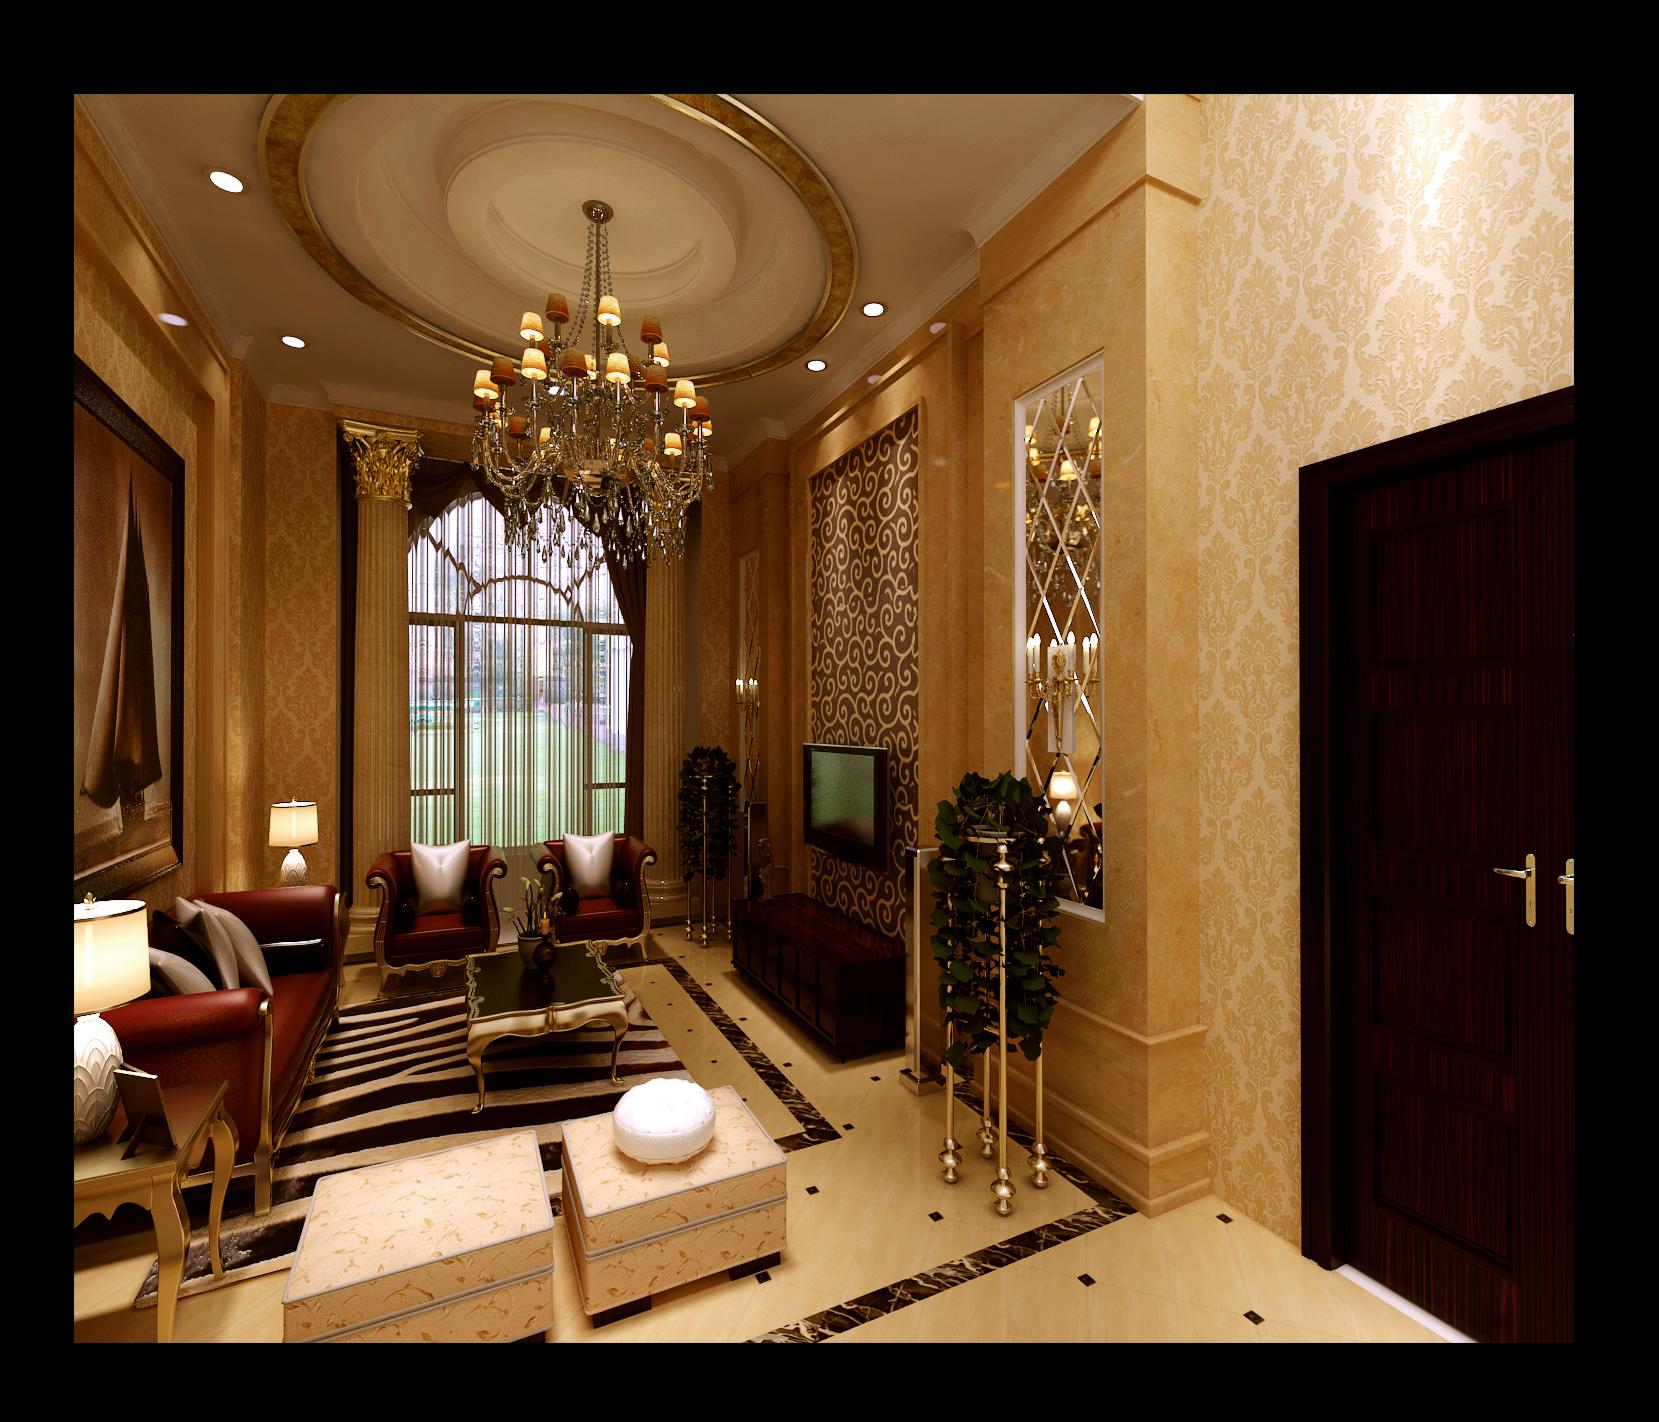 简约 欧式 复式 客厅图片来自实创装饰上海公司在200平复式楼欧式风格装修设计的分享